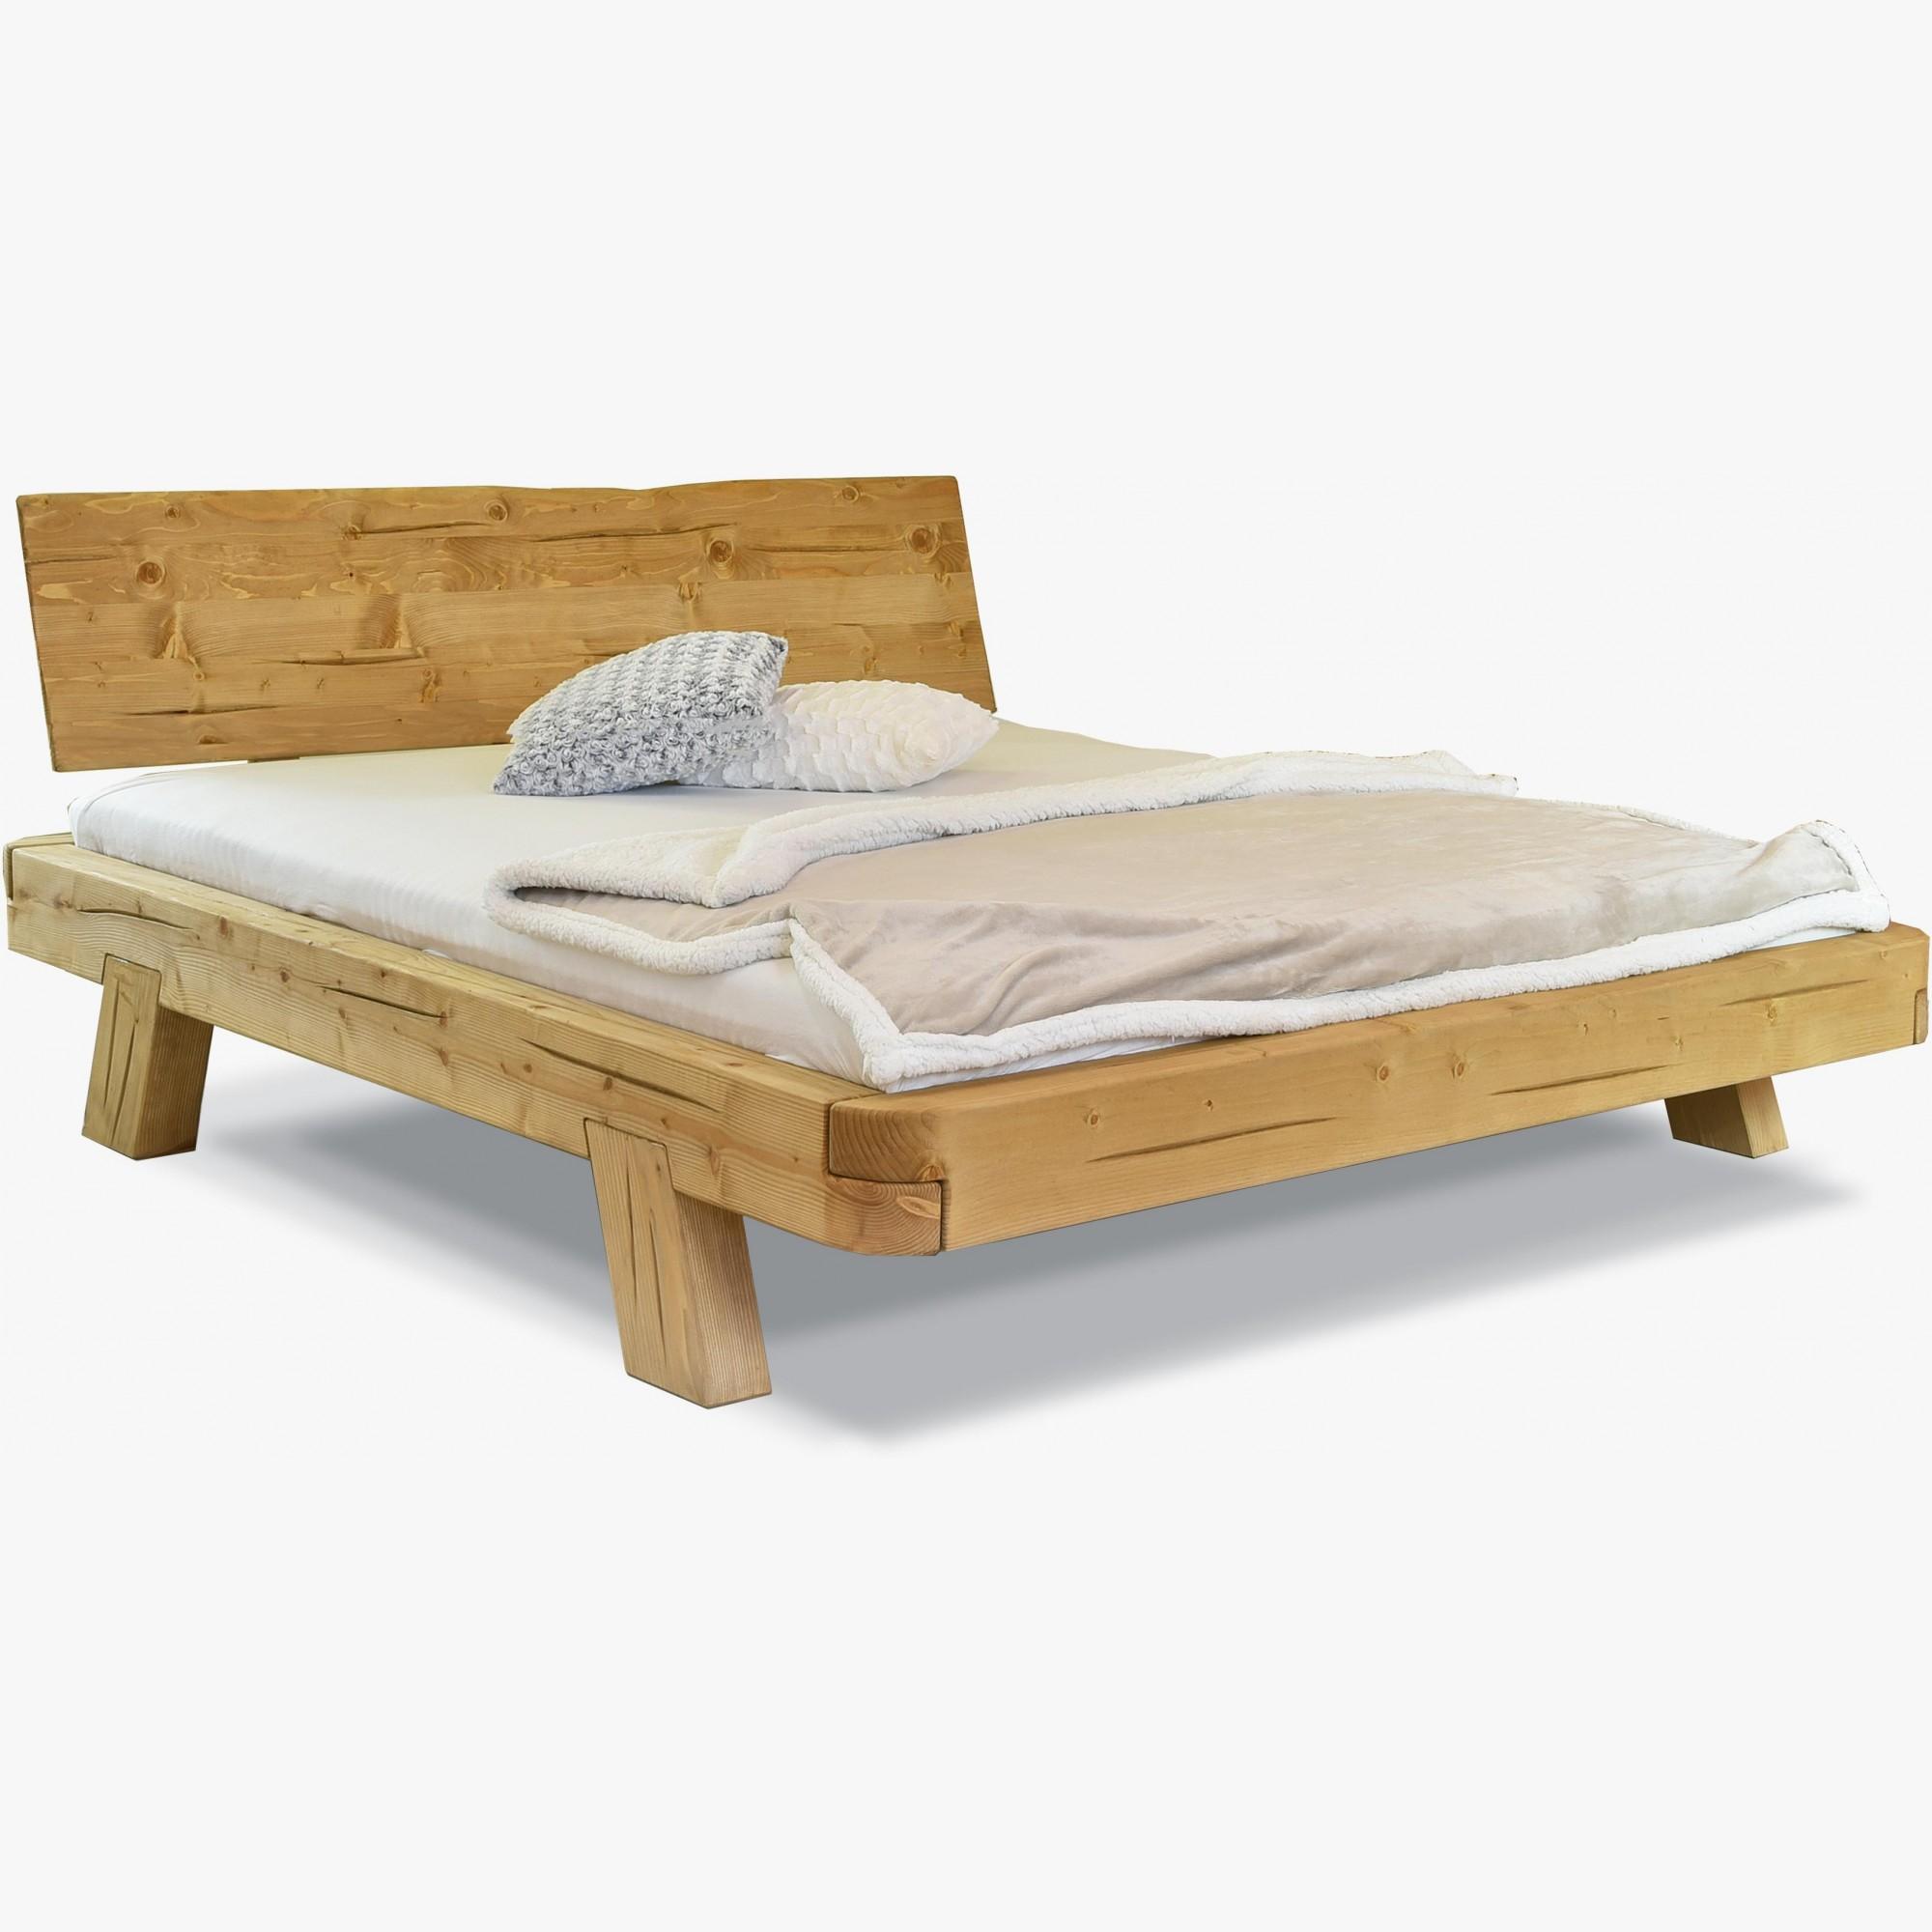 5e8e2c3b47346 ... Skládací zahradní sestava z teakového dřeva ...